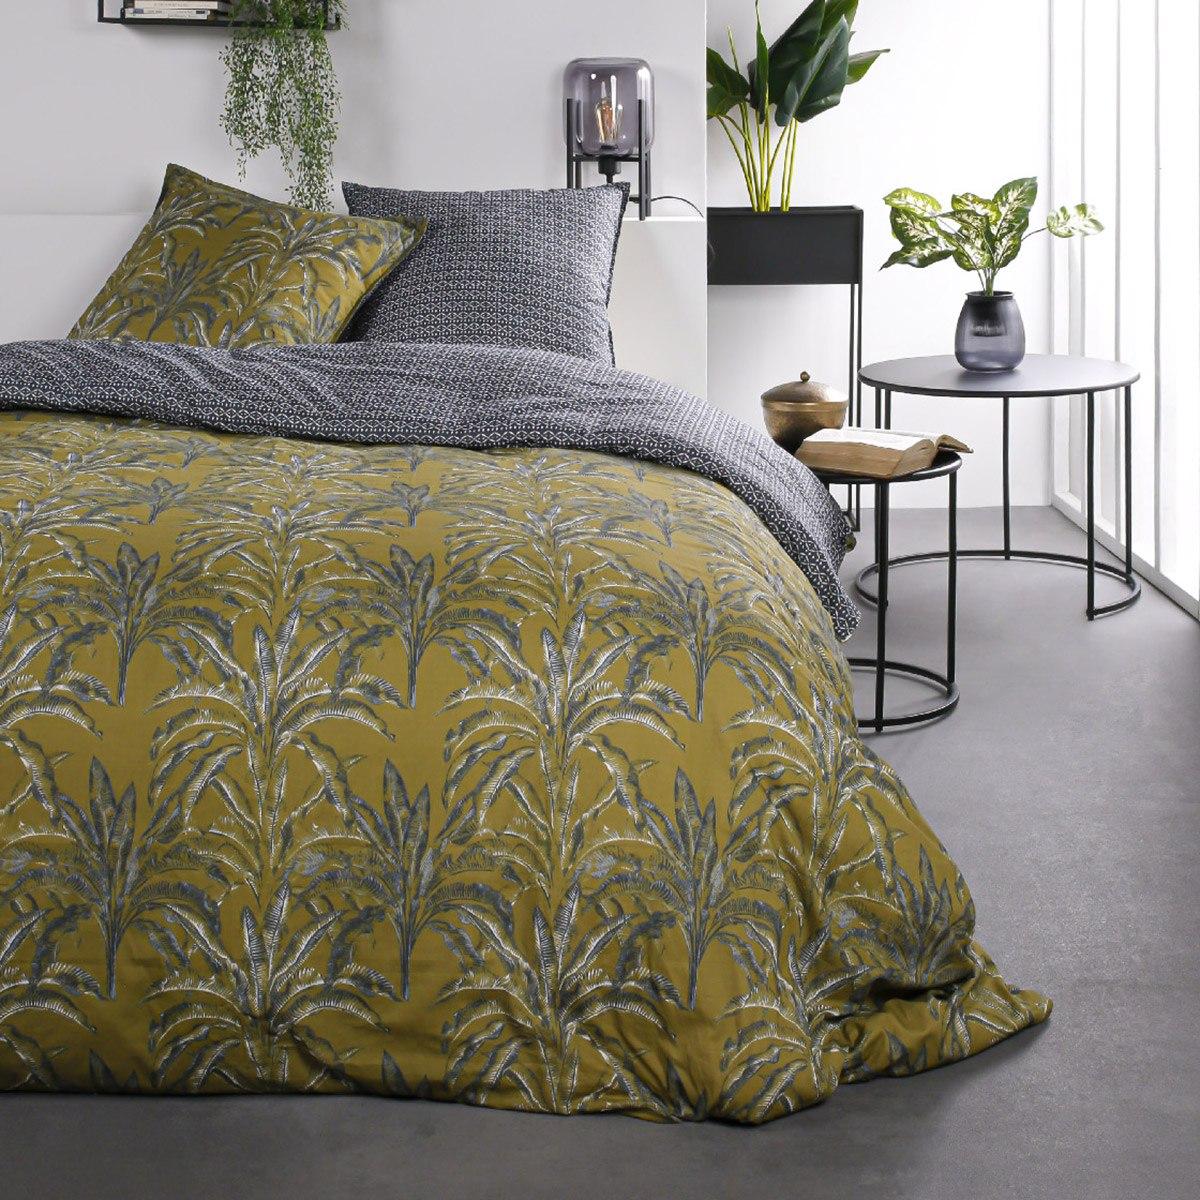 Parure de lit 2 personnes imprimé jungle en Coton Marron 220x240 cm